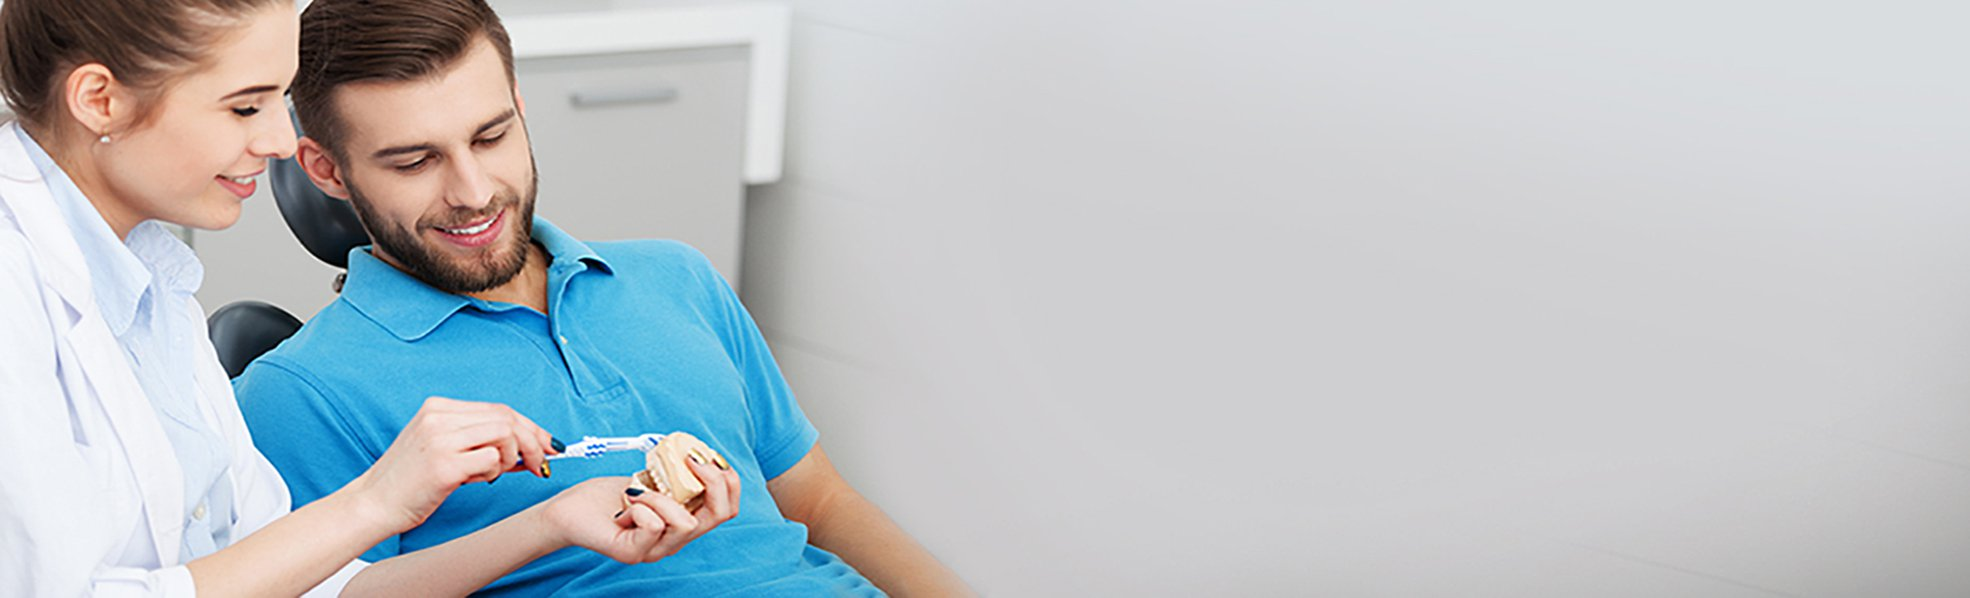 Une dentiste expliquant à son patient des détails sur la santé buccodentaire.